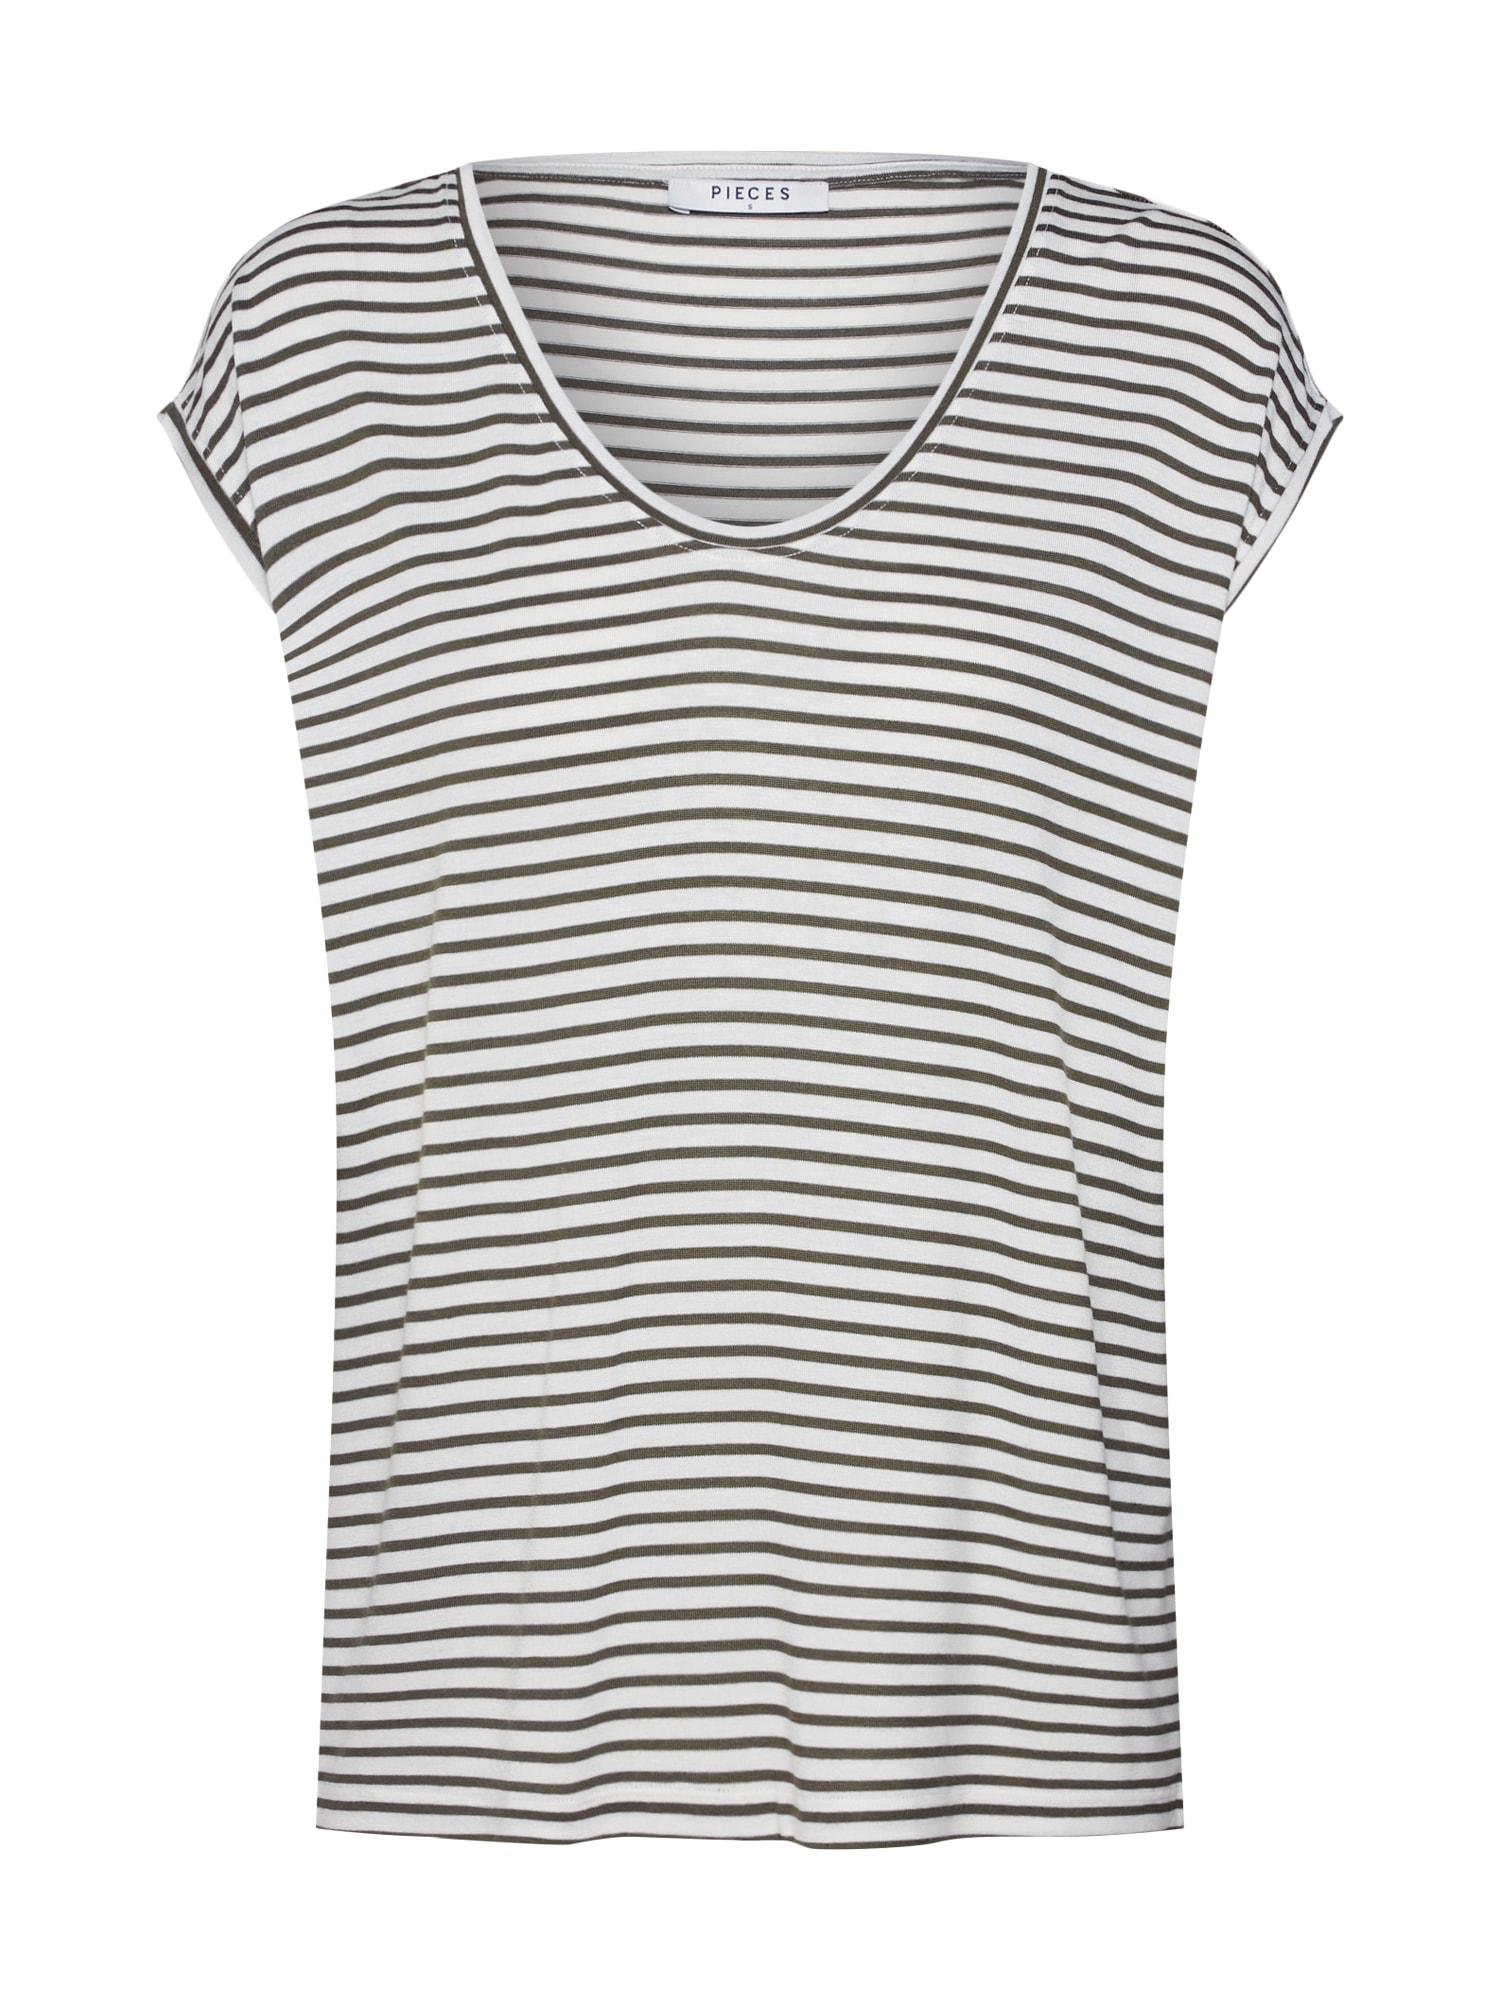 Tričko PCBILLO NEW TEE NOOS zelená bílá PIECES